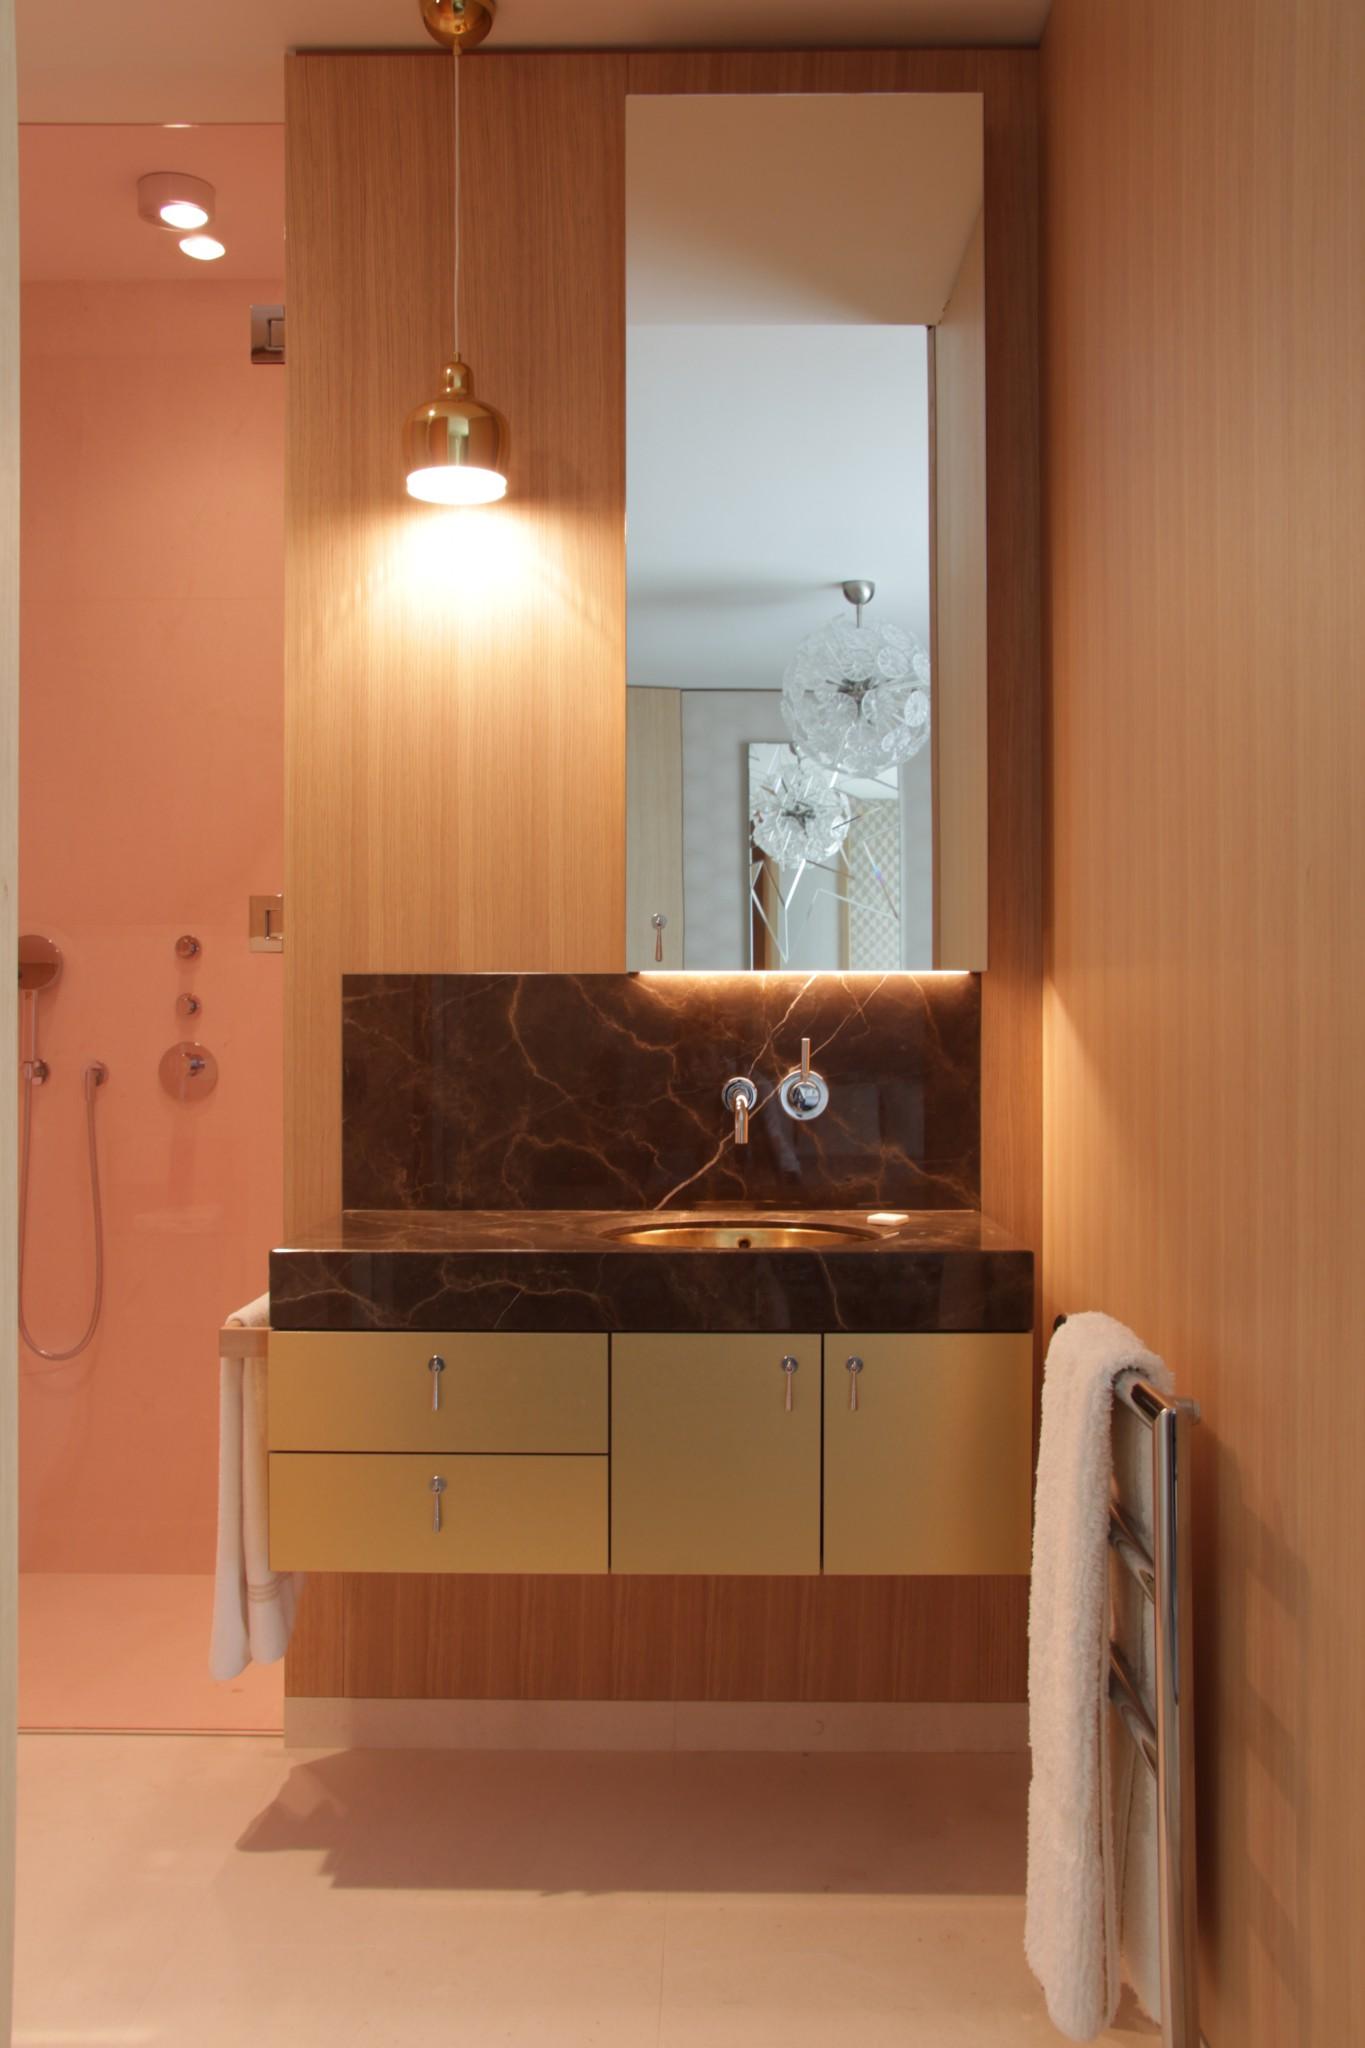 Piano del bagno e lavabo in marmo realizzazione per casa privata